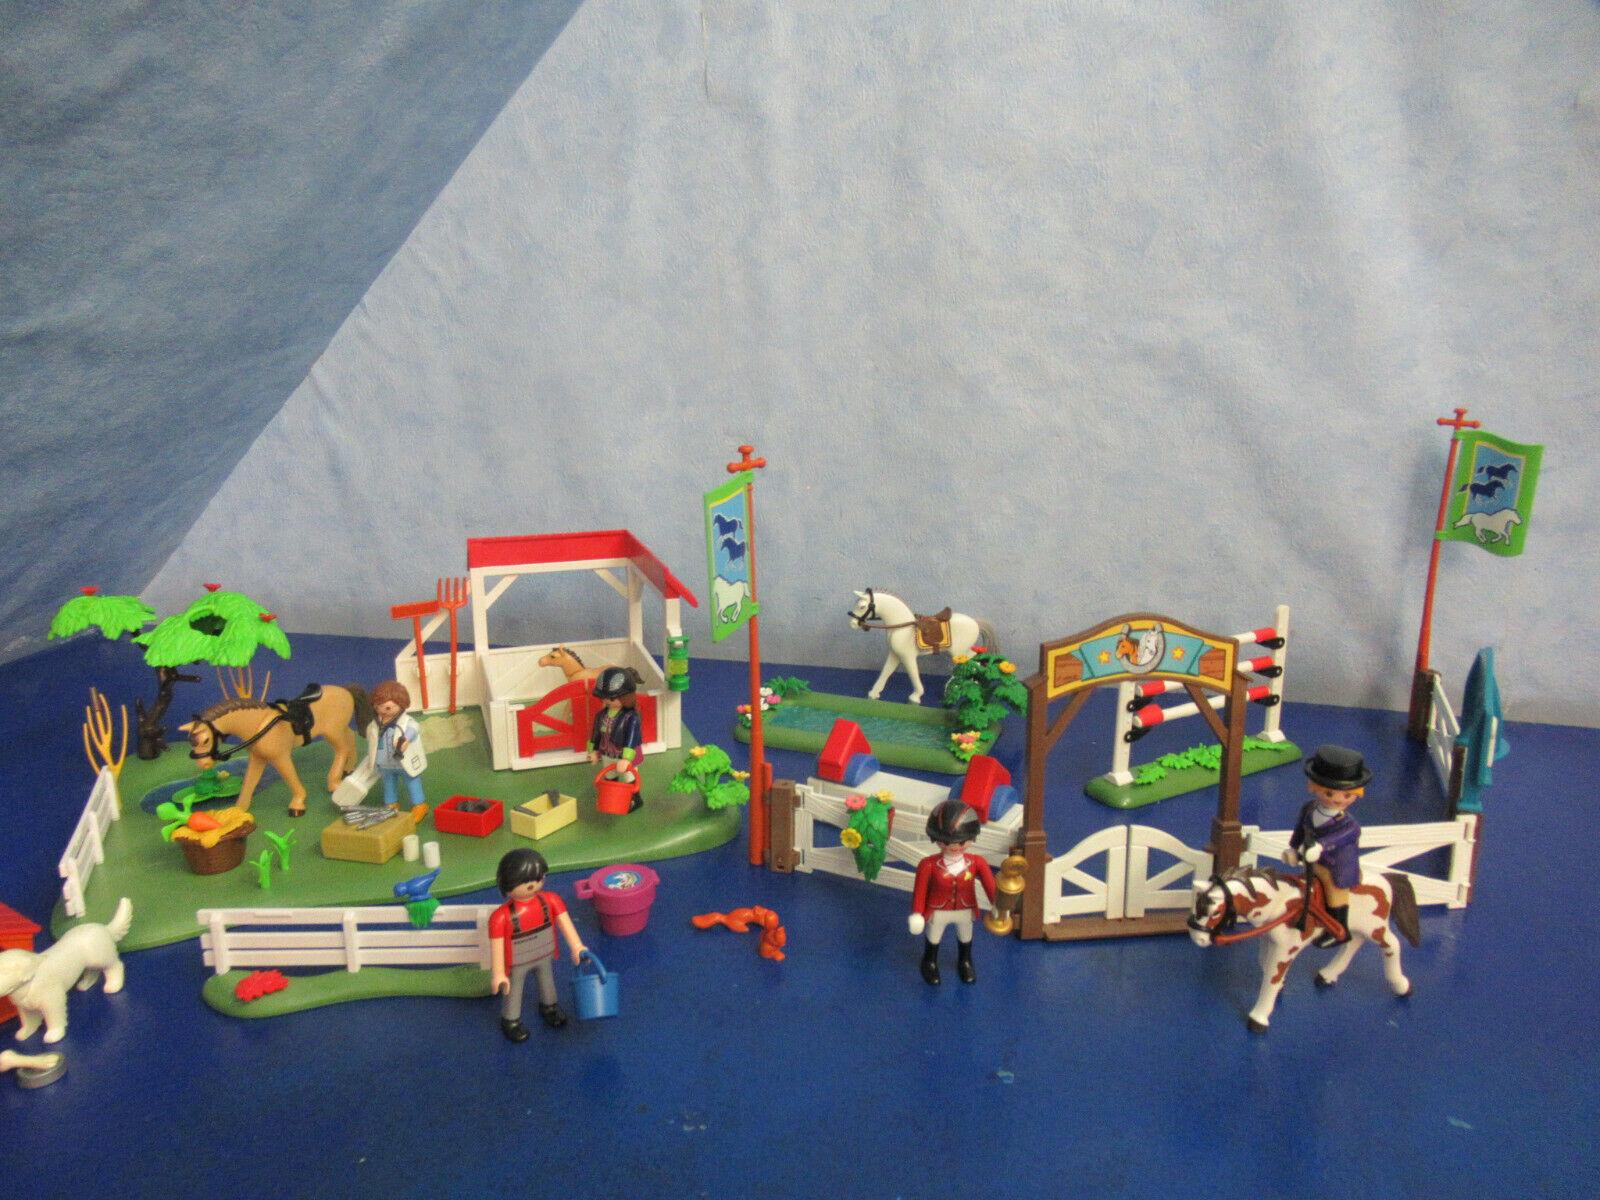 6147 6930 Reitturnier Pferdekoppel Tiere zu 4190 5221 Reiterhof Playmobil 6398